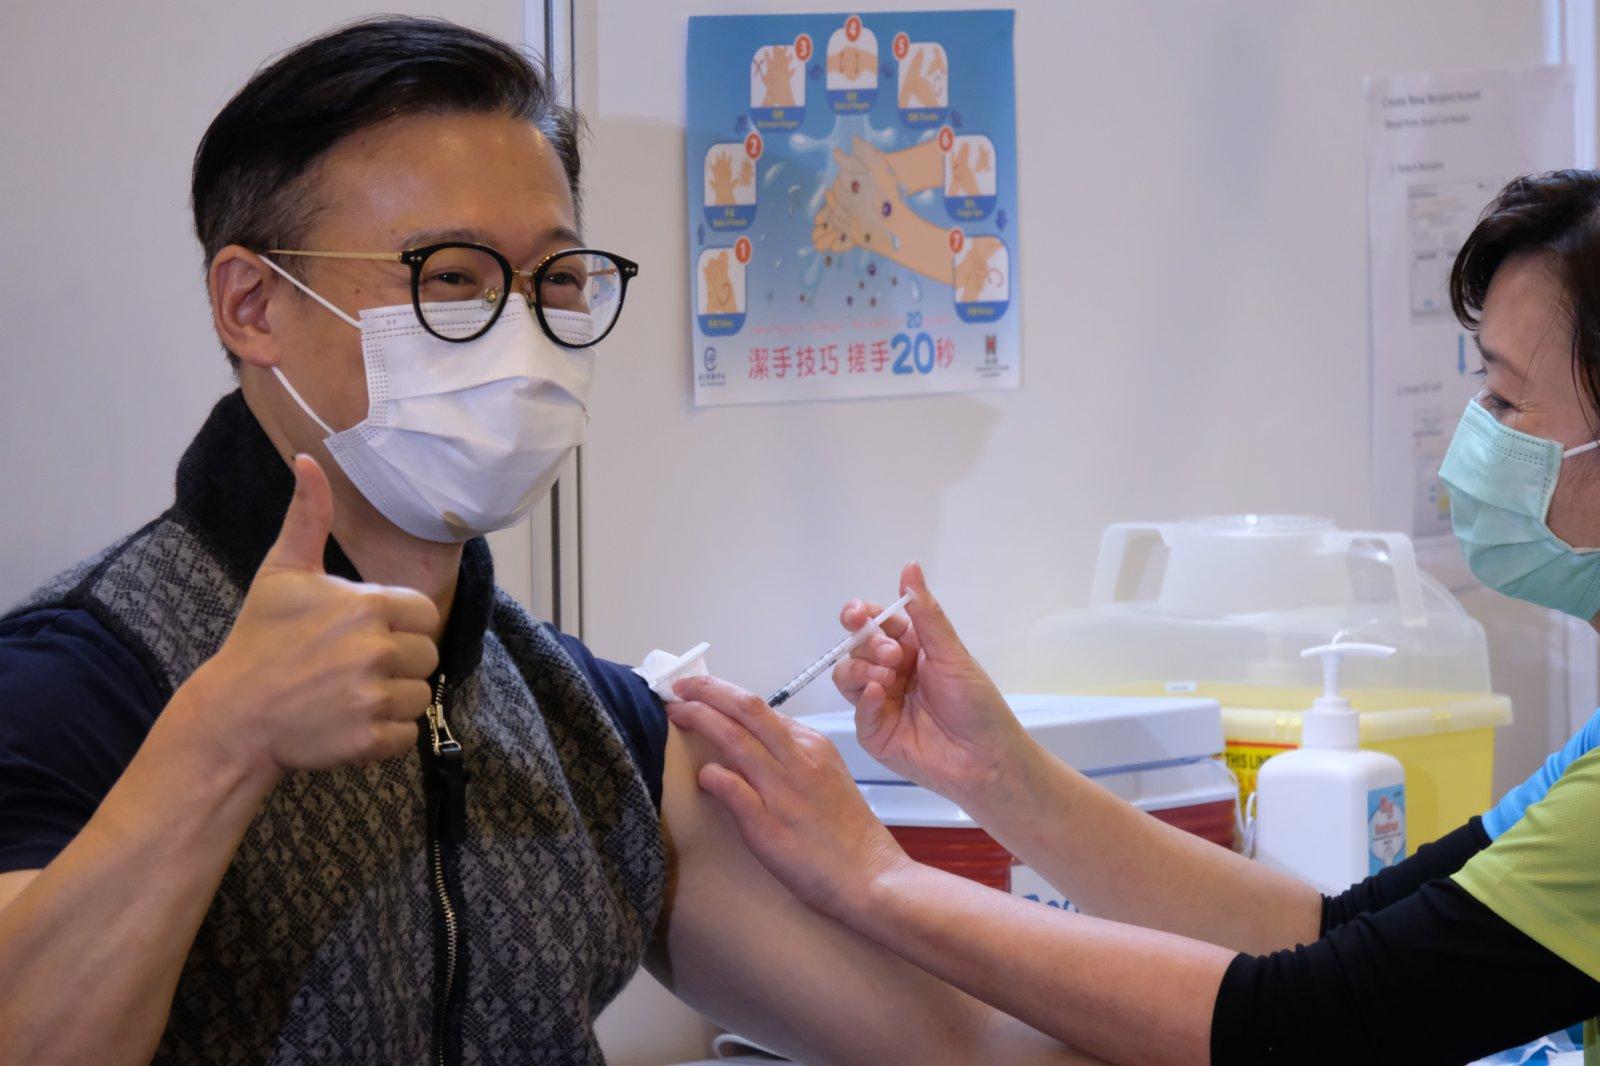 張國鈞接種疫苗時向在場傳媒豎起拇指。(大公文匯全媒體記者 攝)